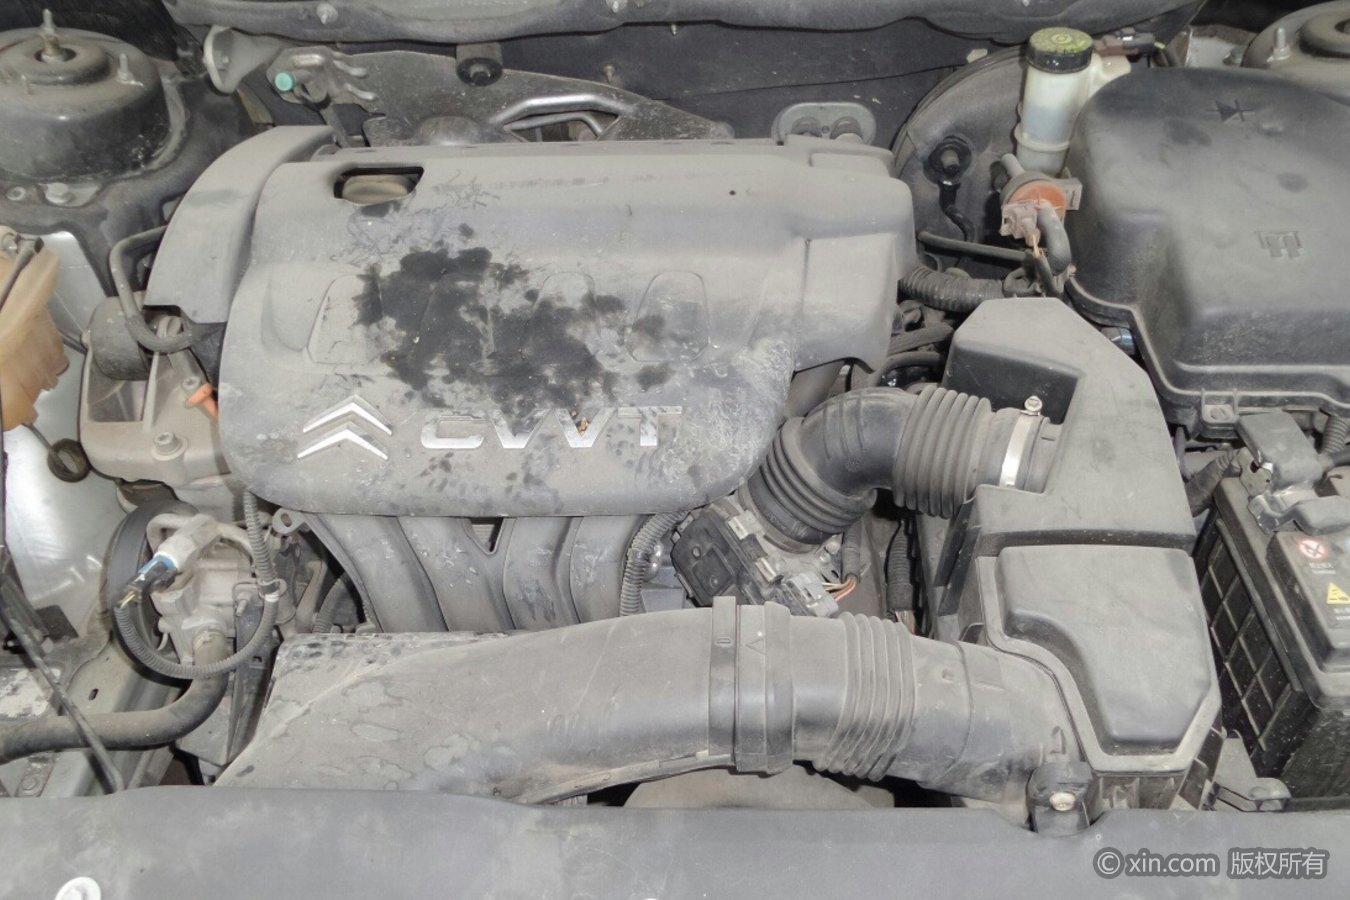 雪铁龙C5发动机